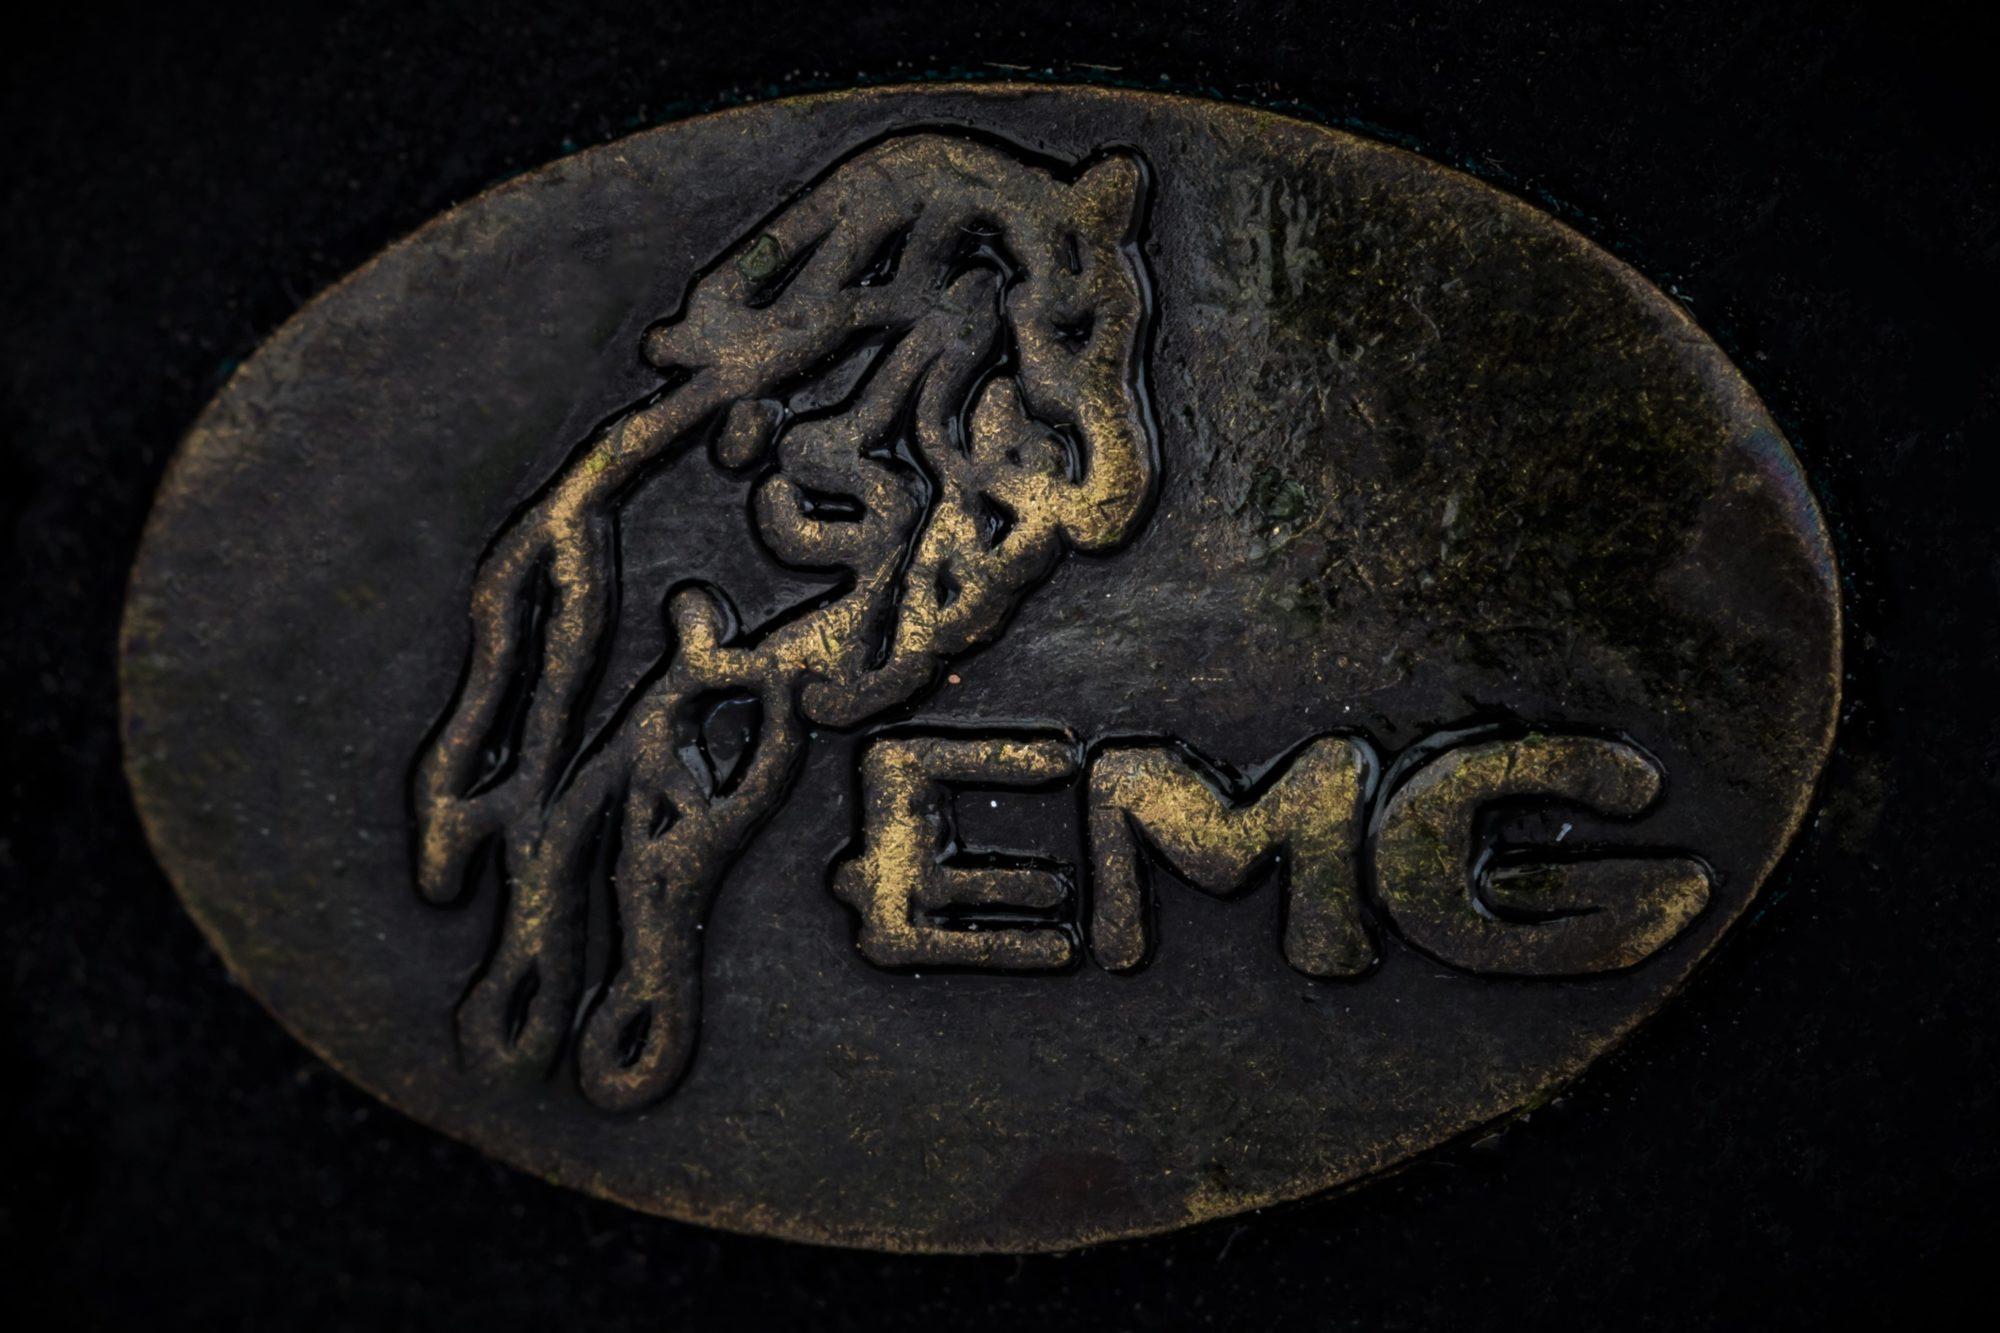 EMG-equine.com